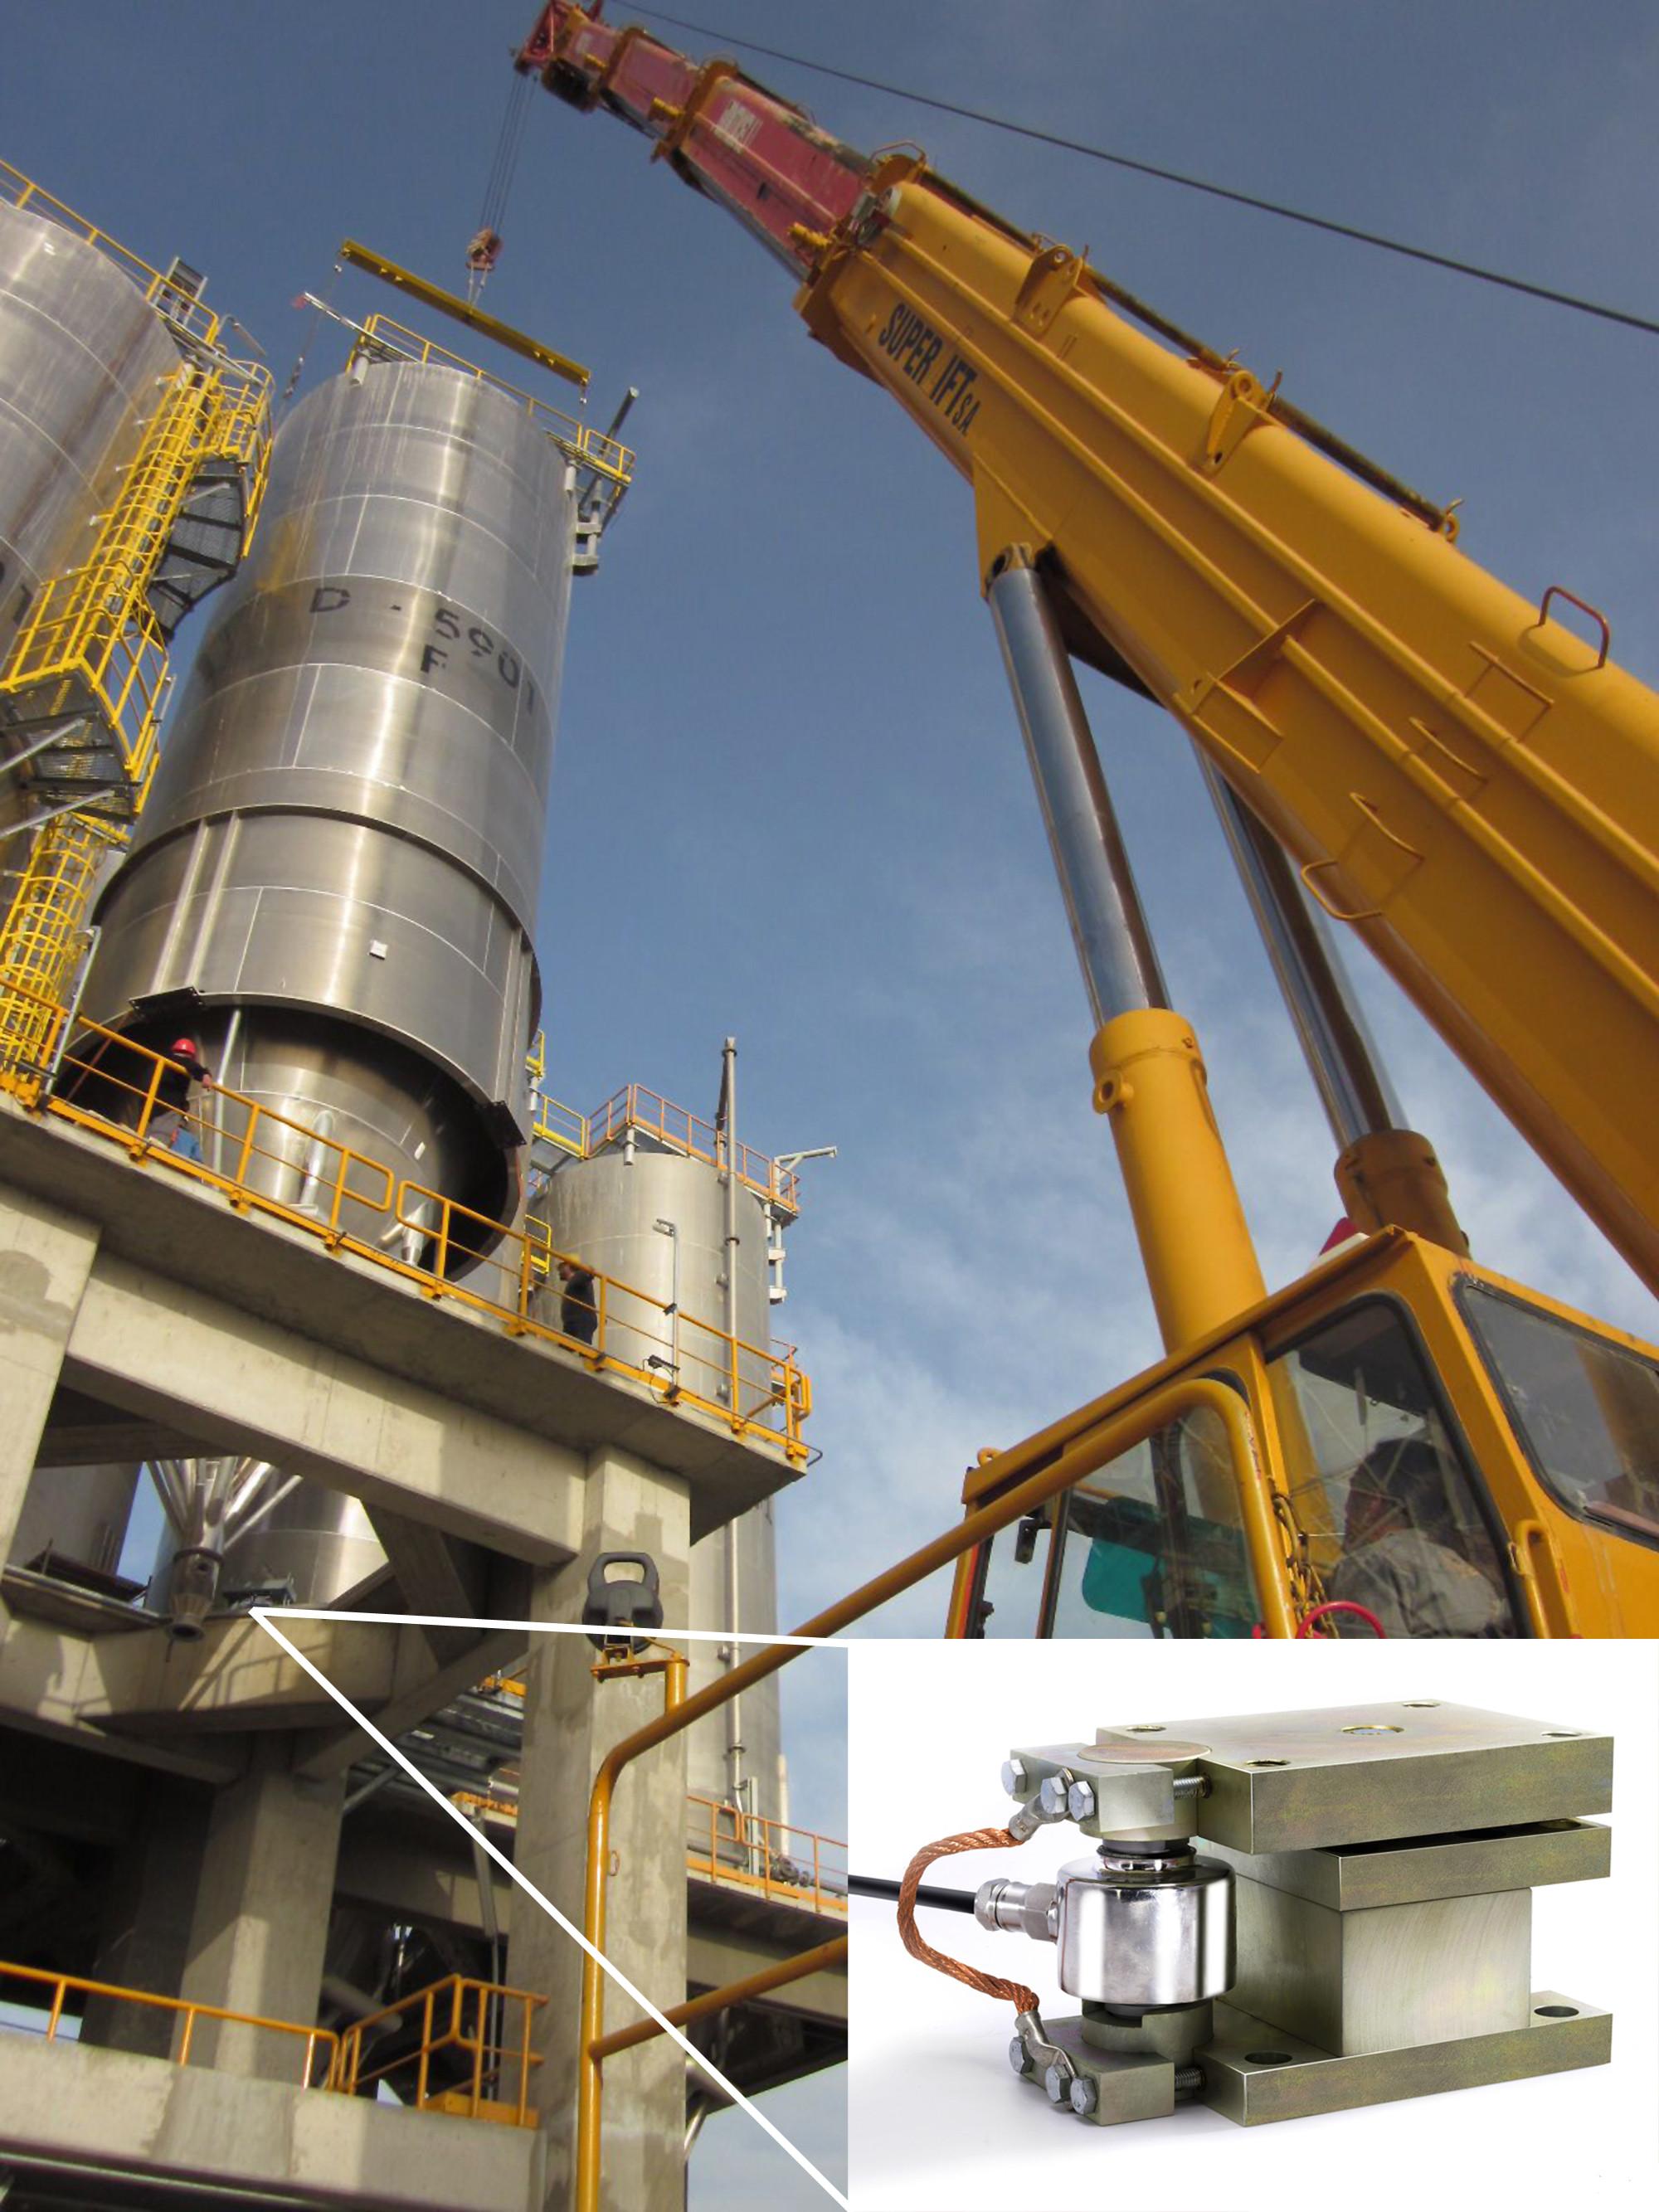 Zertifizierung für tragende Teile im Stahlbau: Wägemodul mit CE-Kennzeichnung gemäß EN 1090 Bild: Flintec / P+W Metallbau GmbH & Co.KG